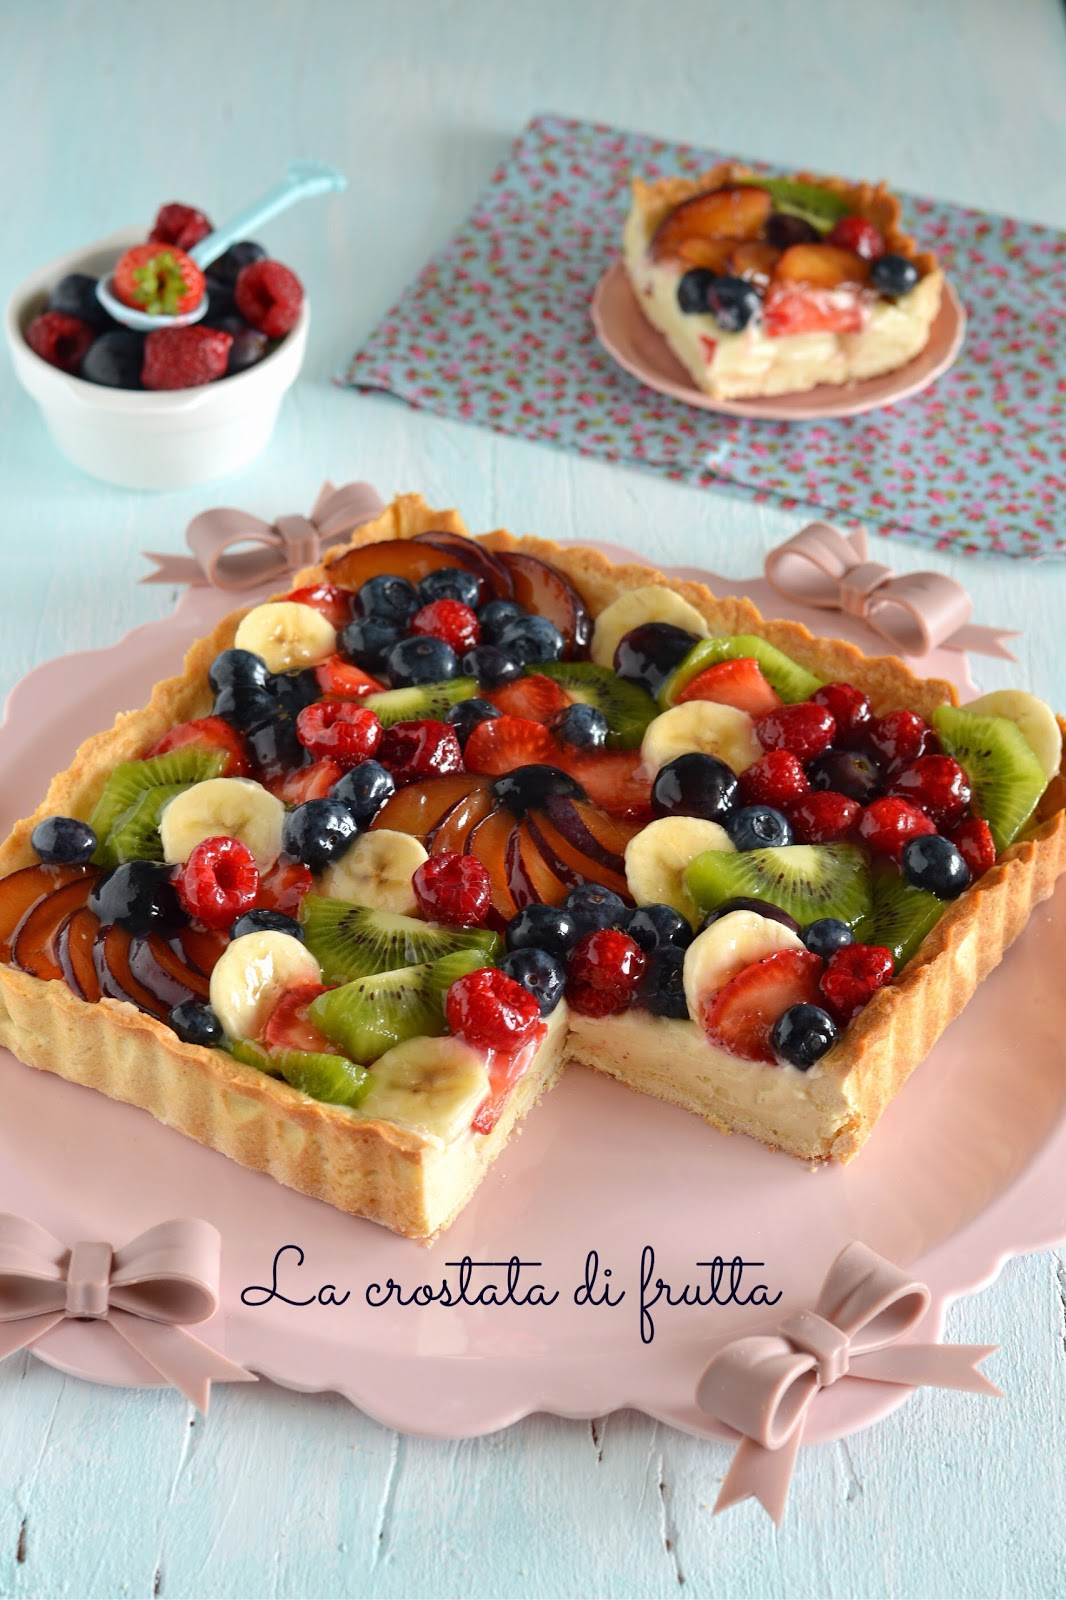 Sprinkles dress la crostata di frutta perfetta ricetta - Contorno di immagini di frutta ...